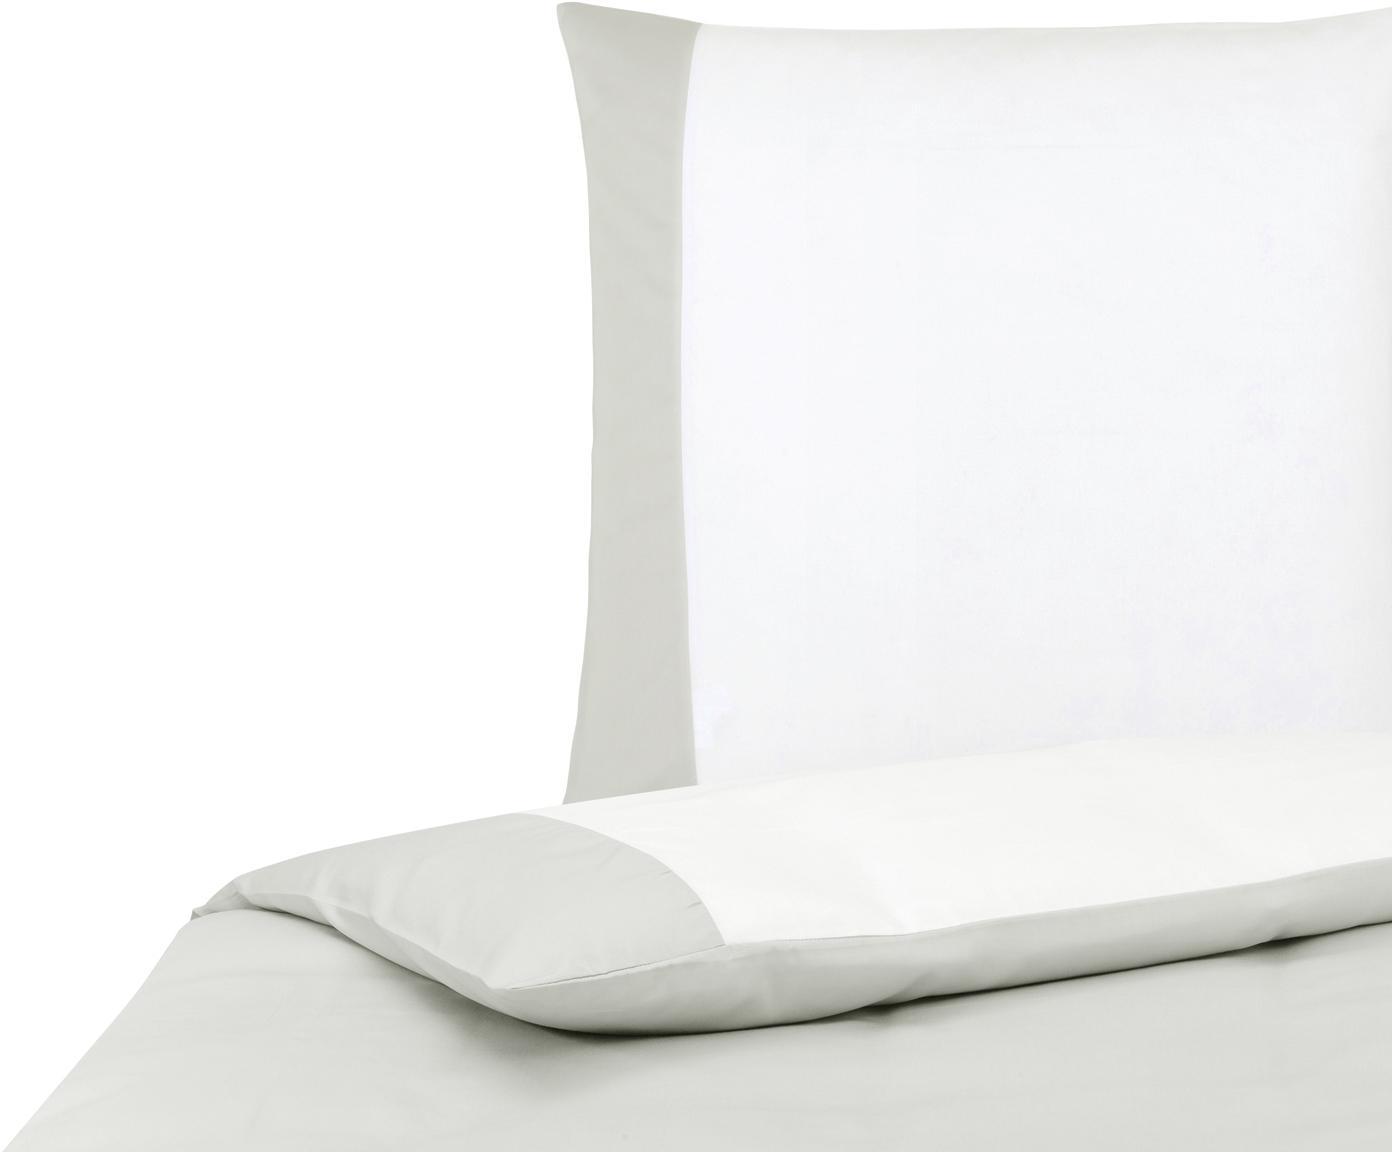 Baumwollsatin-Wendebettwäsche Amelia in Hellgrau/Weiß, Webart: Satin Fadendichte 250 TC,, Weiß, Hellgrau, 135 x 200 cm + 1 Kissen 80 x 80 cm